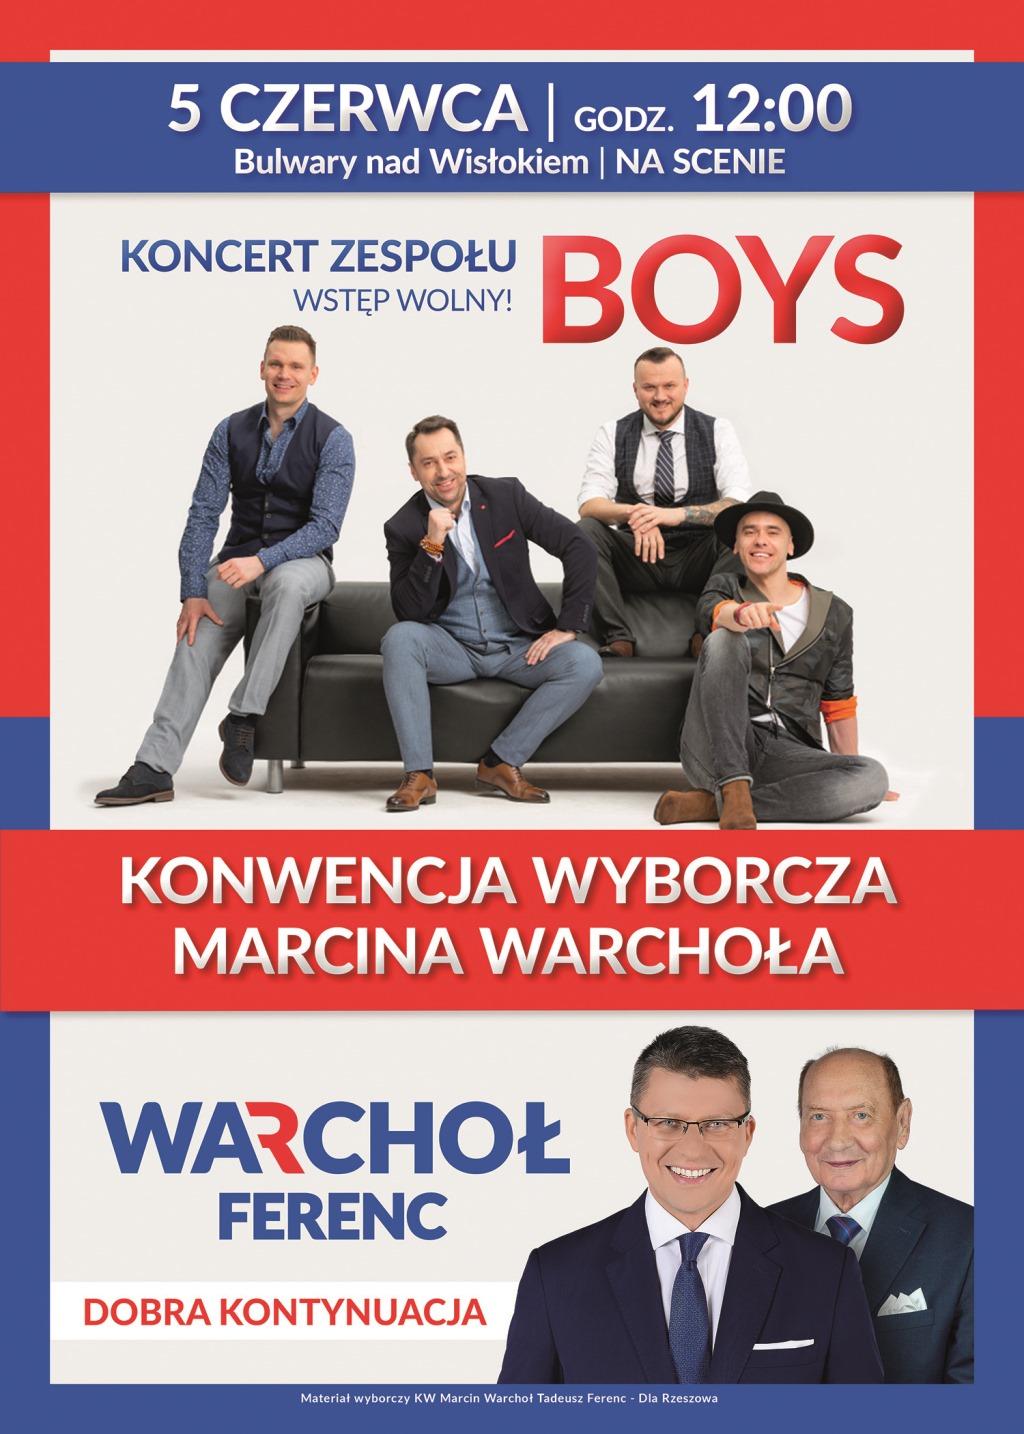 Konwencja Wyborcza Marcina Warchoła oraz koncert BOYS